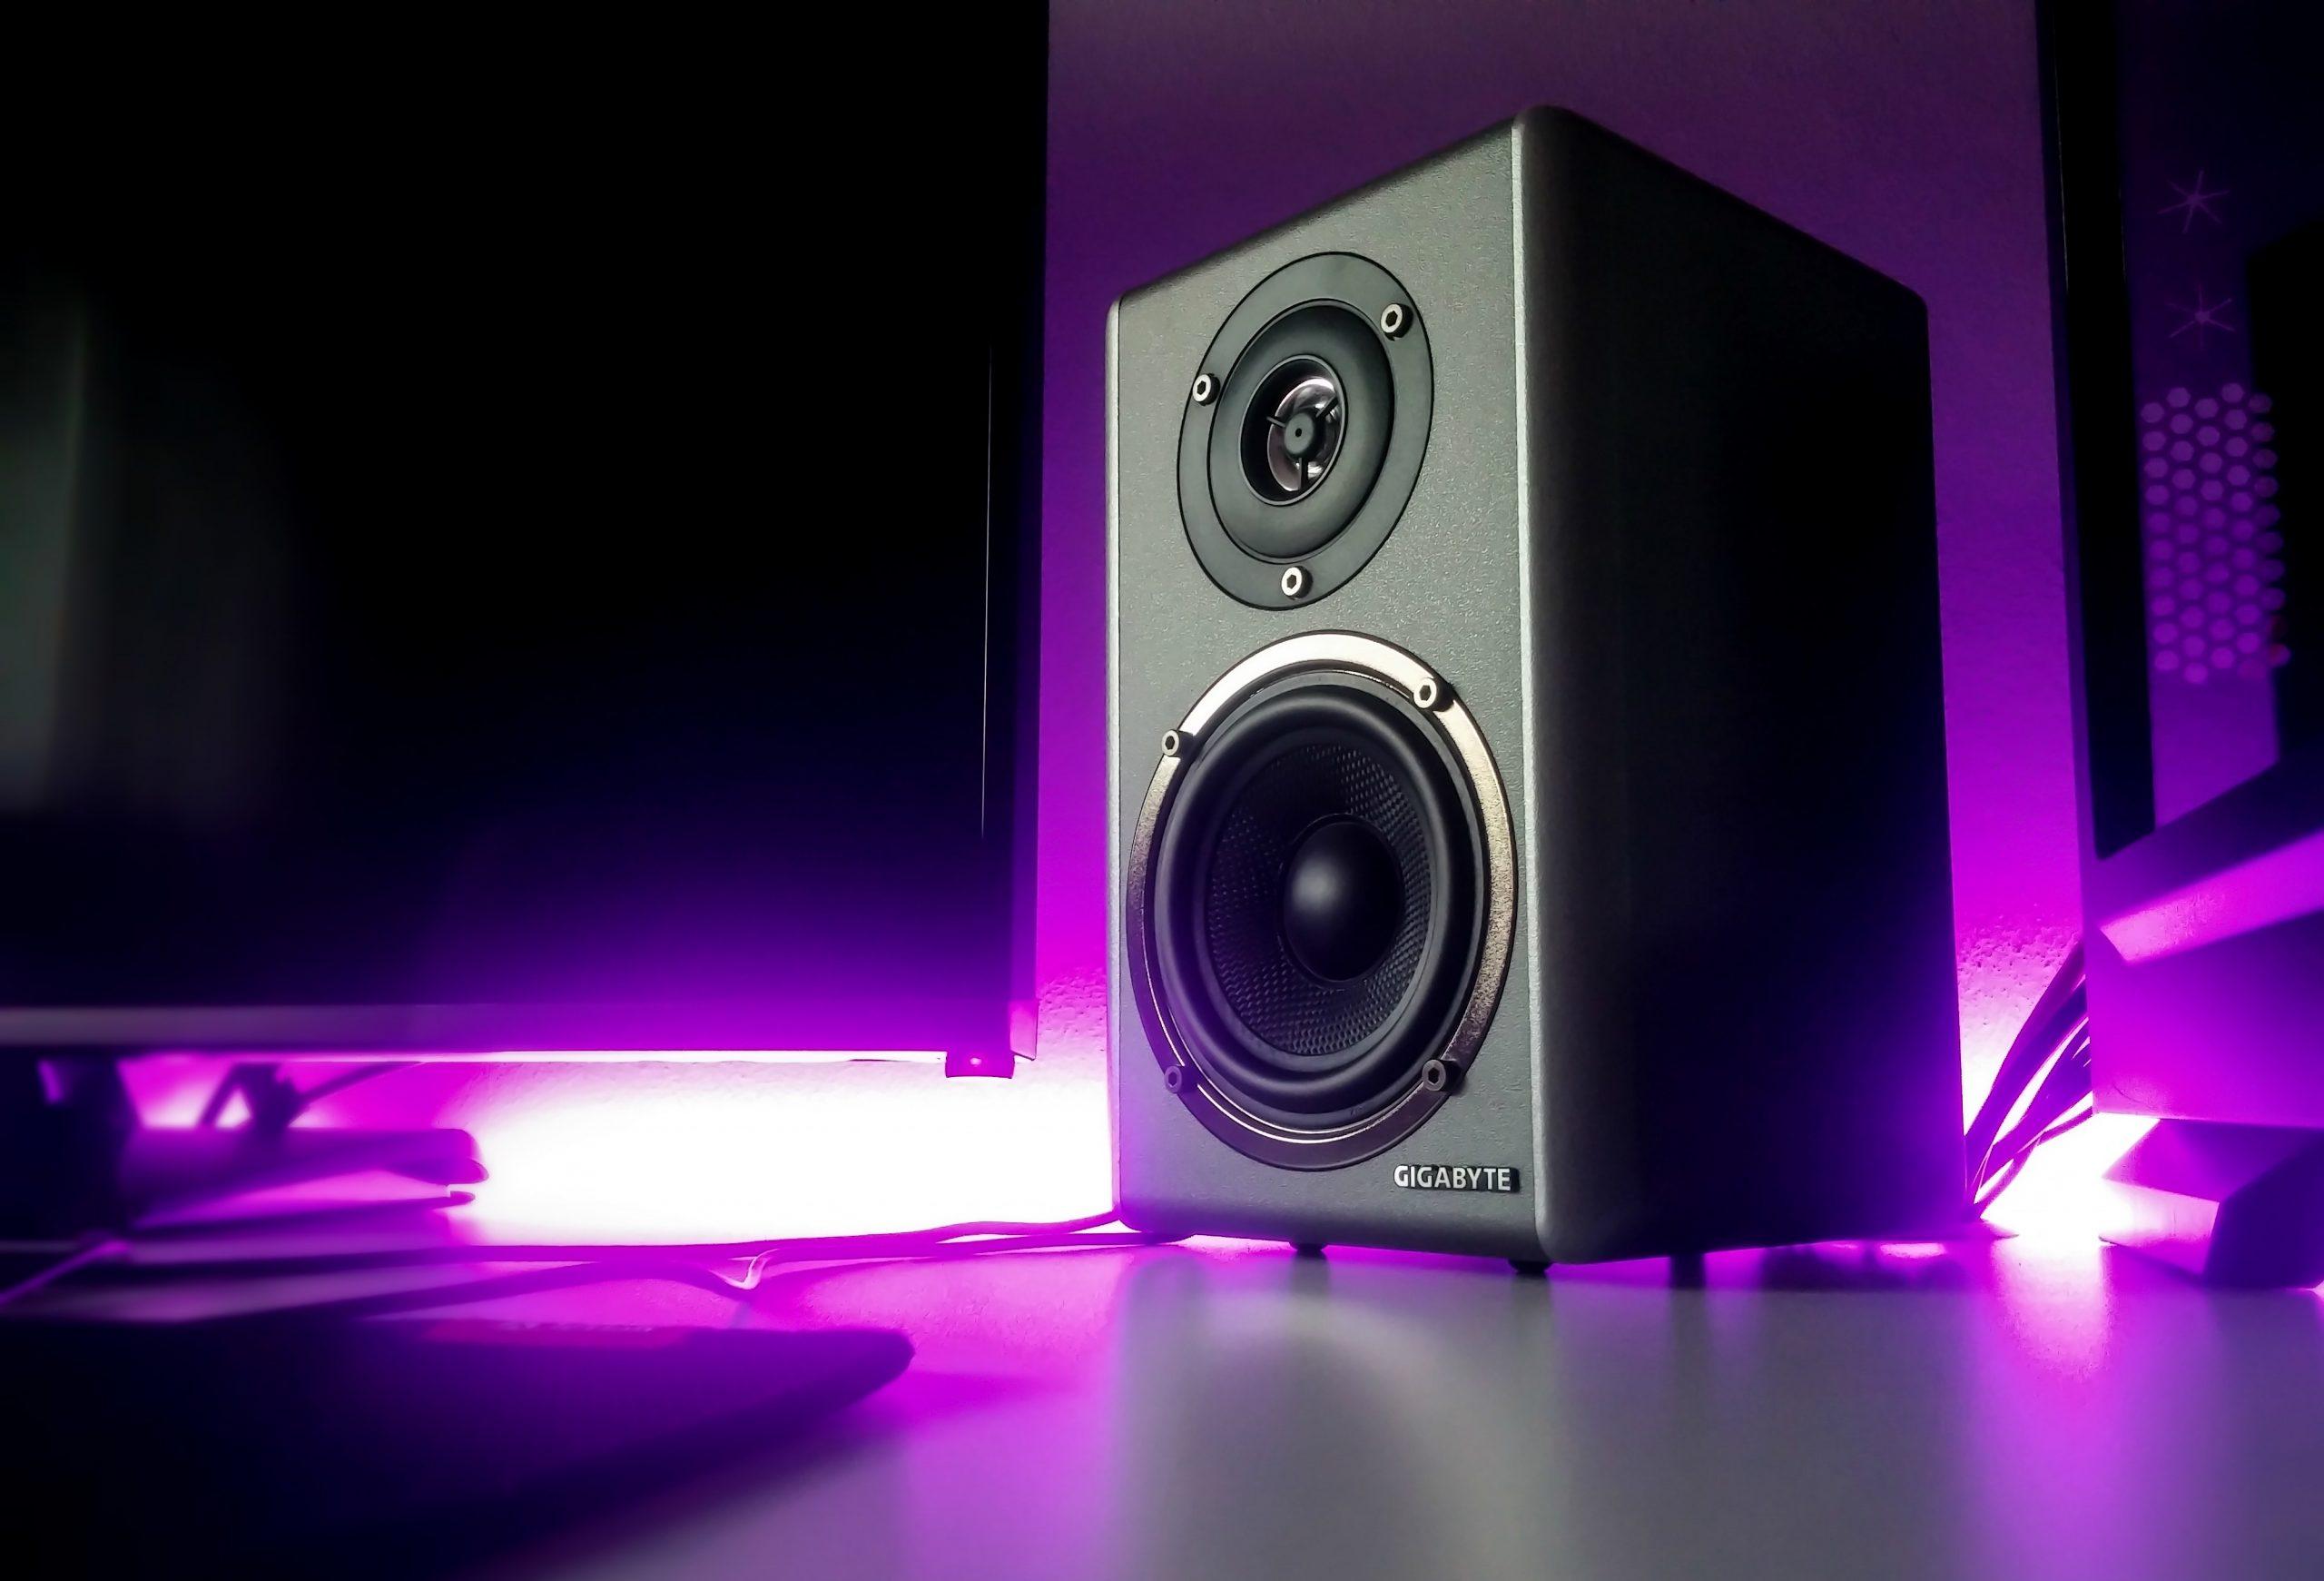 Monitor de áudio: Como escolher o melhor equipamento de som em 2021